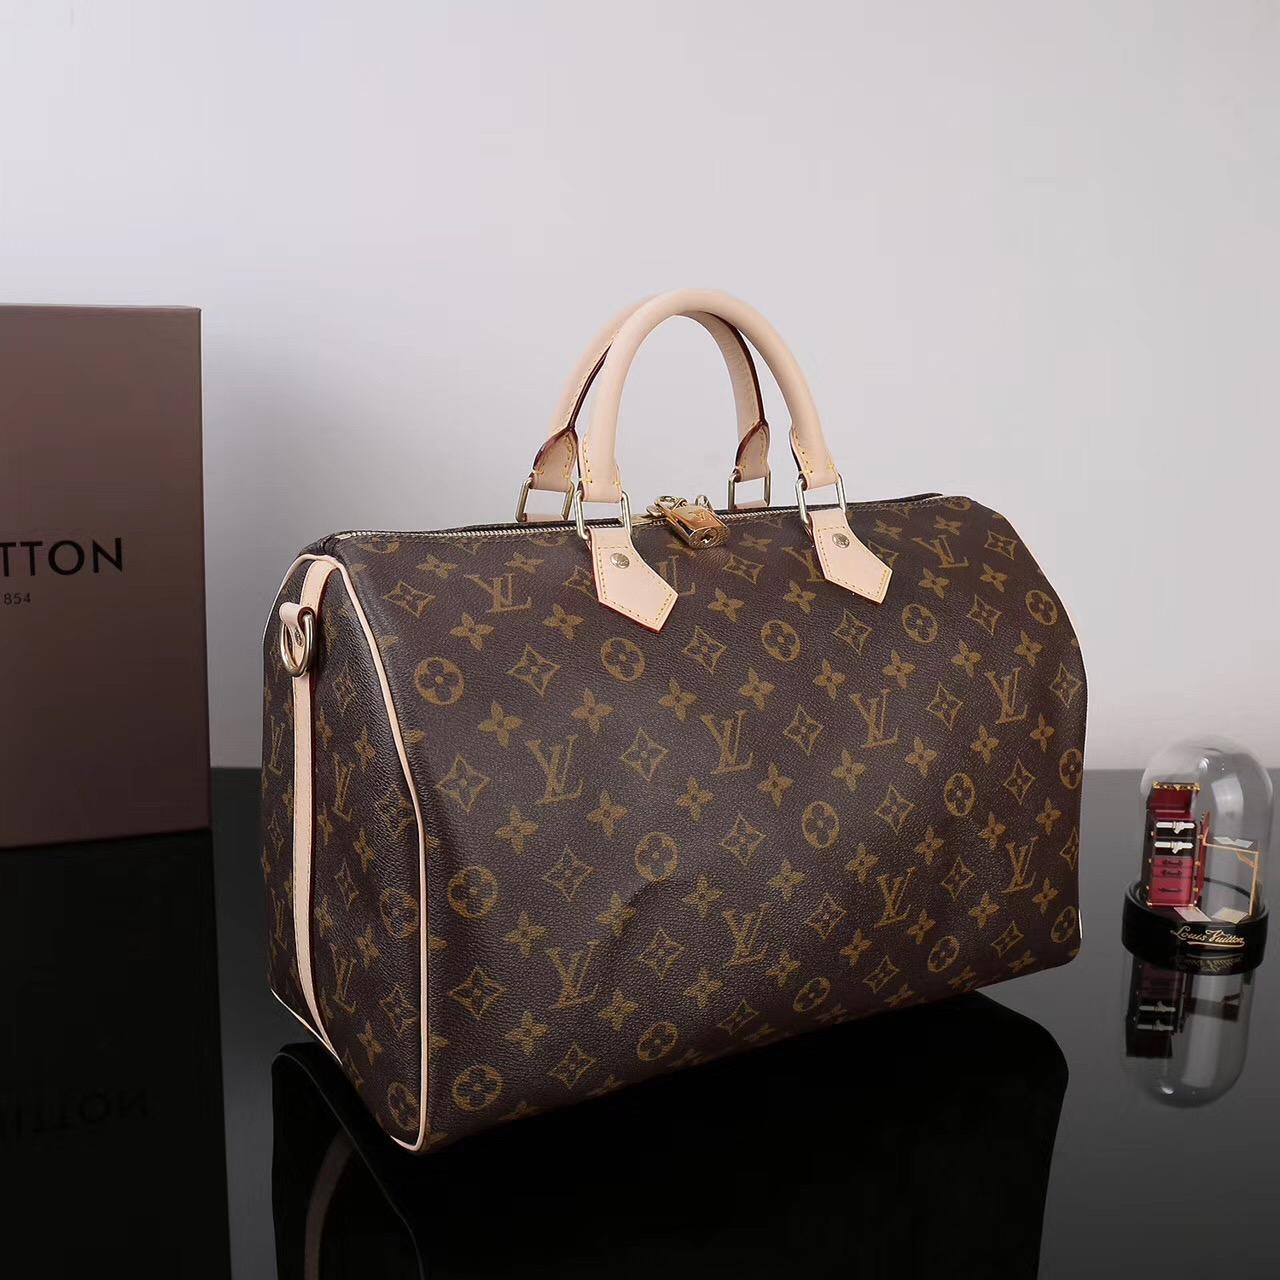 153398cf2a5f ... LV Louis Vuitton Speedy 35 Monogram bags M41111 Handbags Brown ...